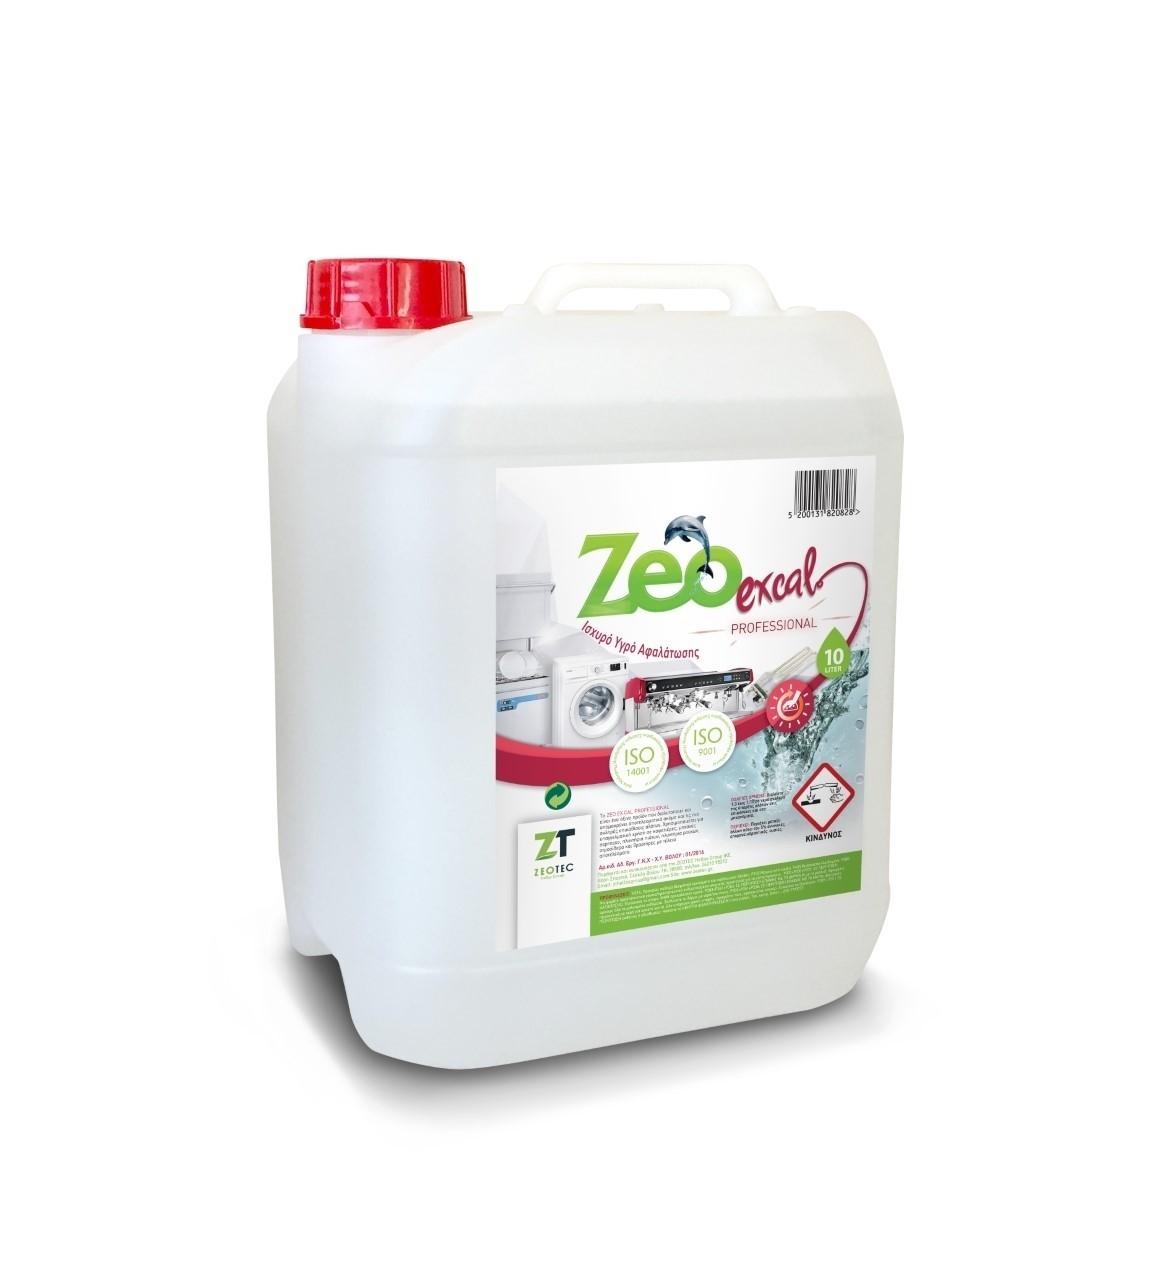 Zeo Ex-cal - Όξινο καθαριστικό κατά των αλάτων για συσκευές 20lt